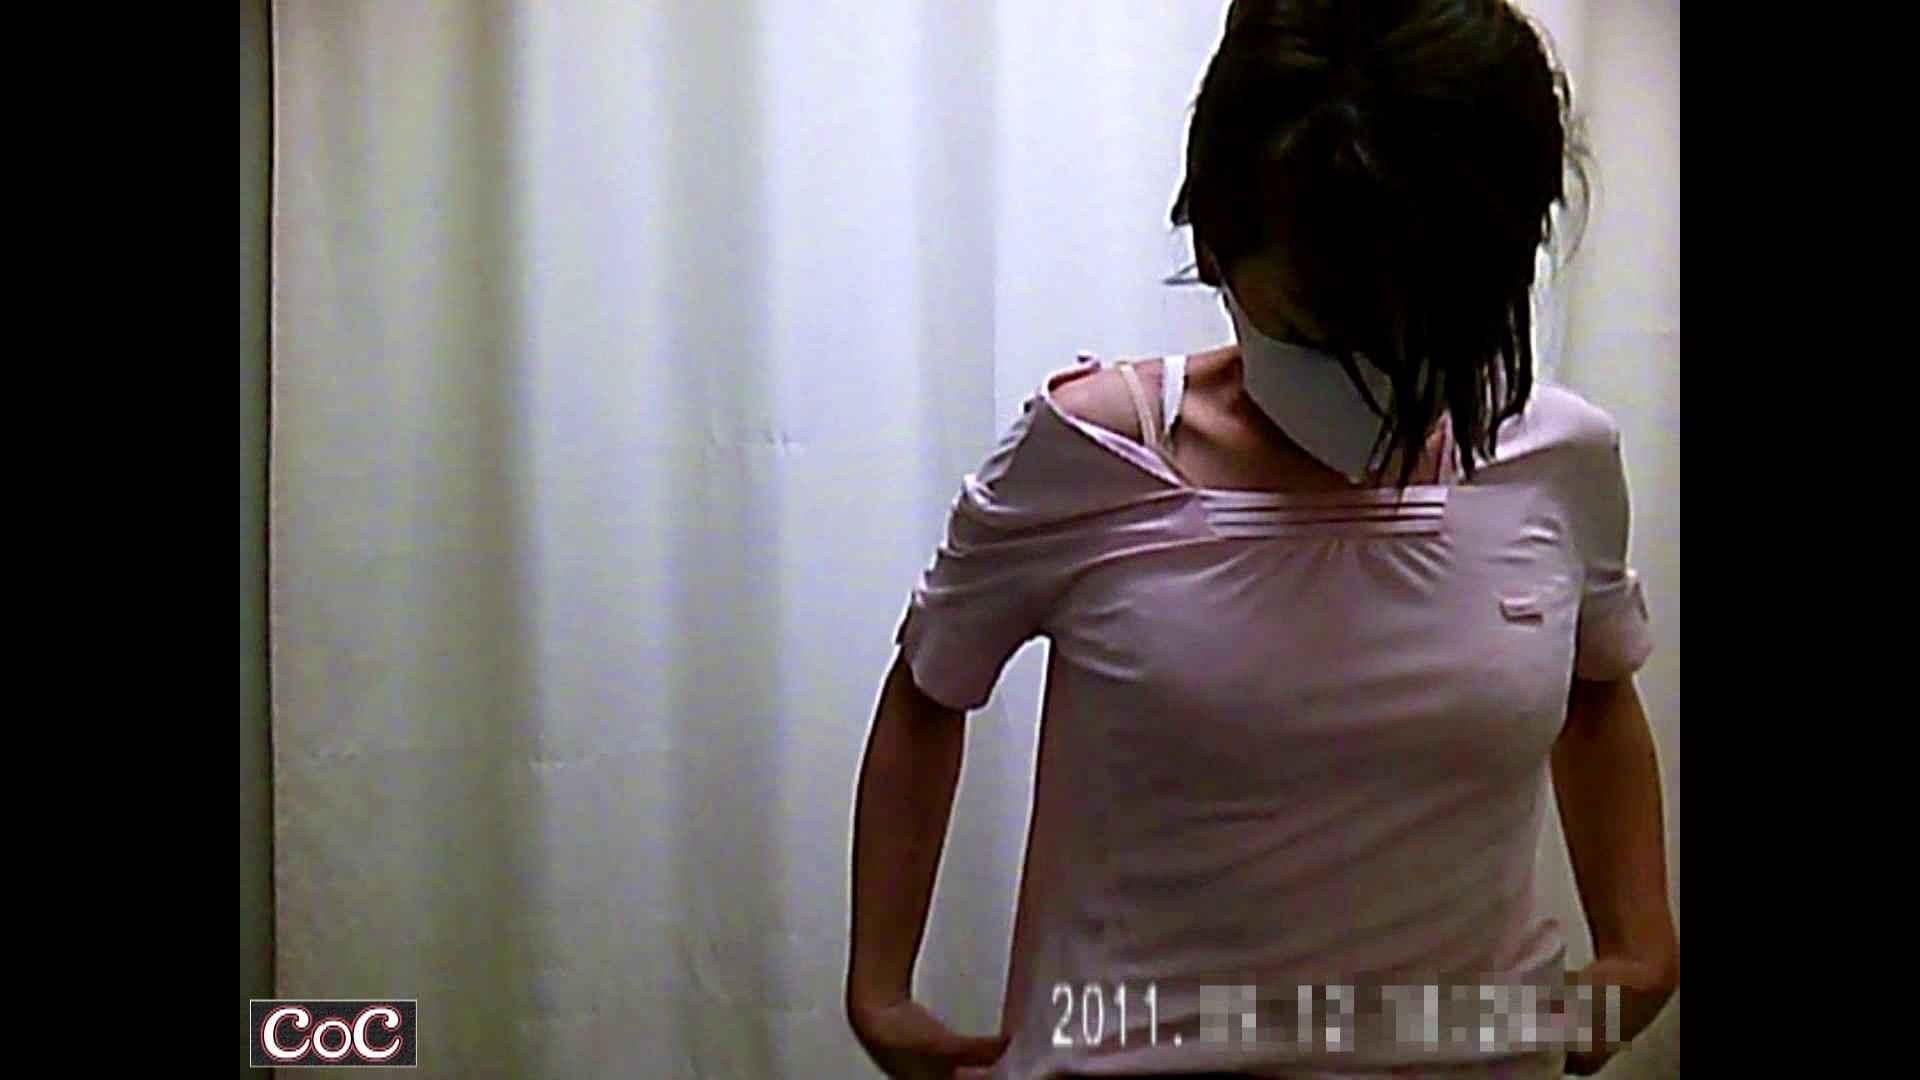 病院おもいっきり着替え! vol.24 盗撮 のぞき動画画像 100PIX 37